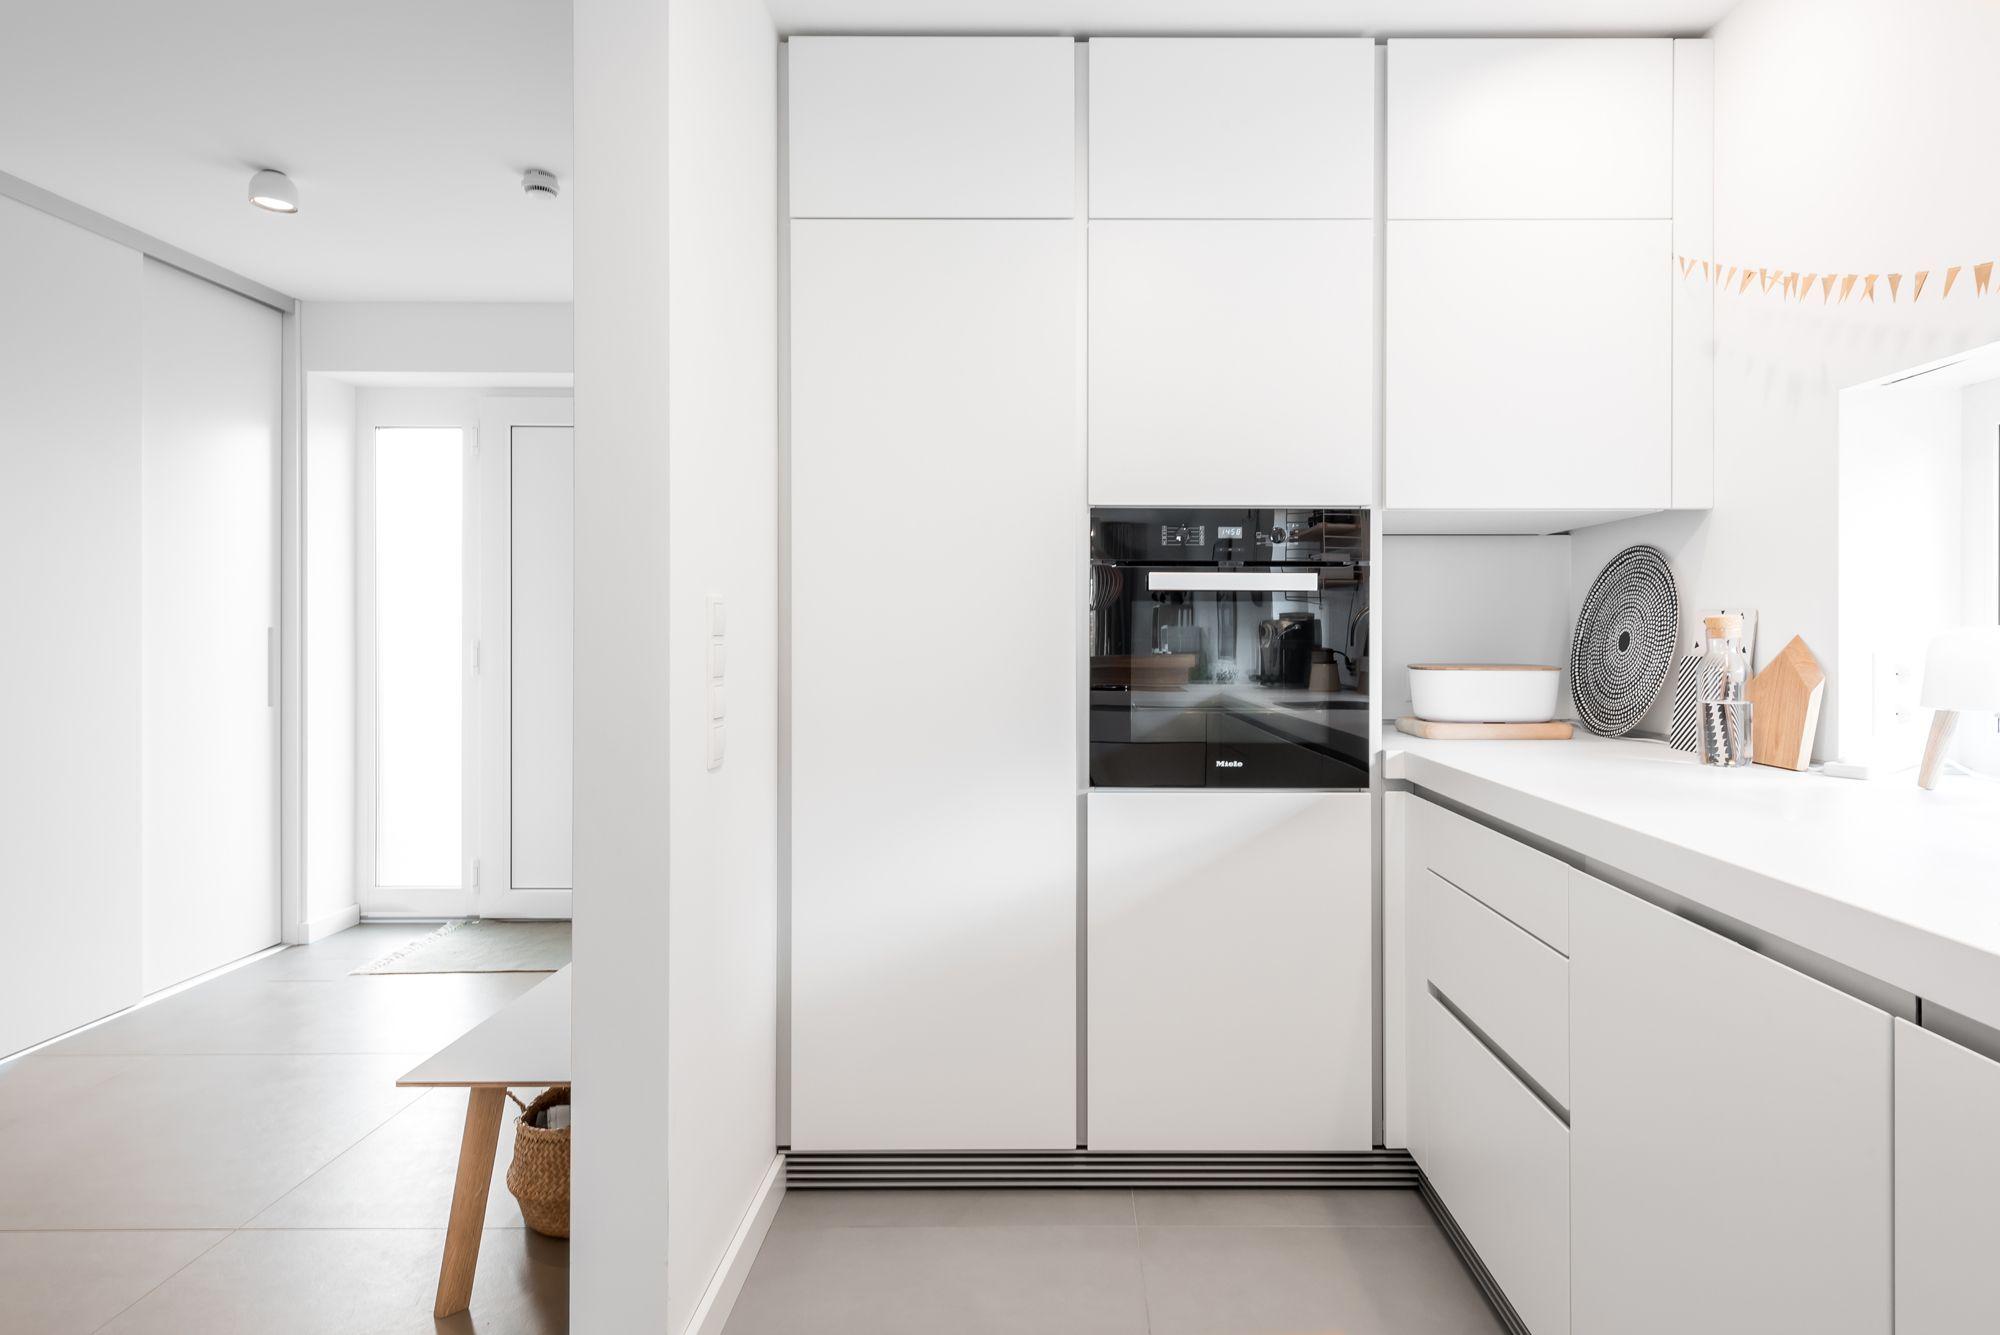 Kommunikative Und Helle Bulthaup B1 Kuche In U Form Luneburg In 2020 Kitchen Minimalist Room Modern Kitchen